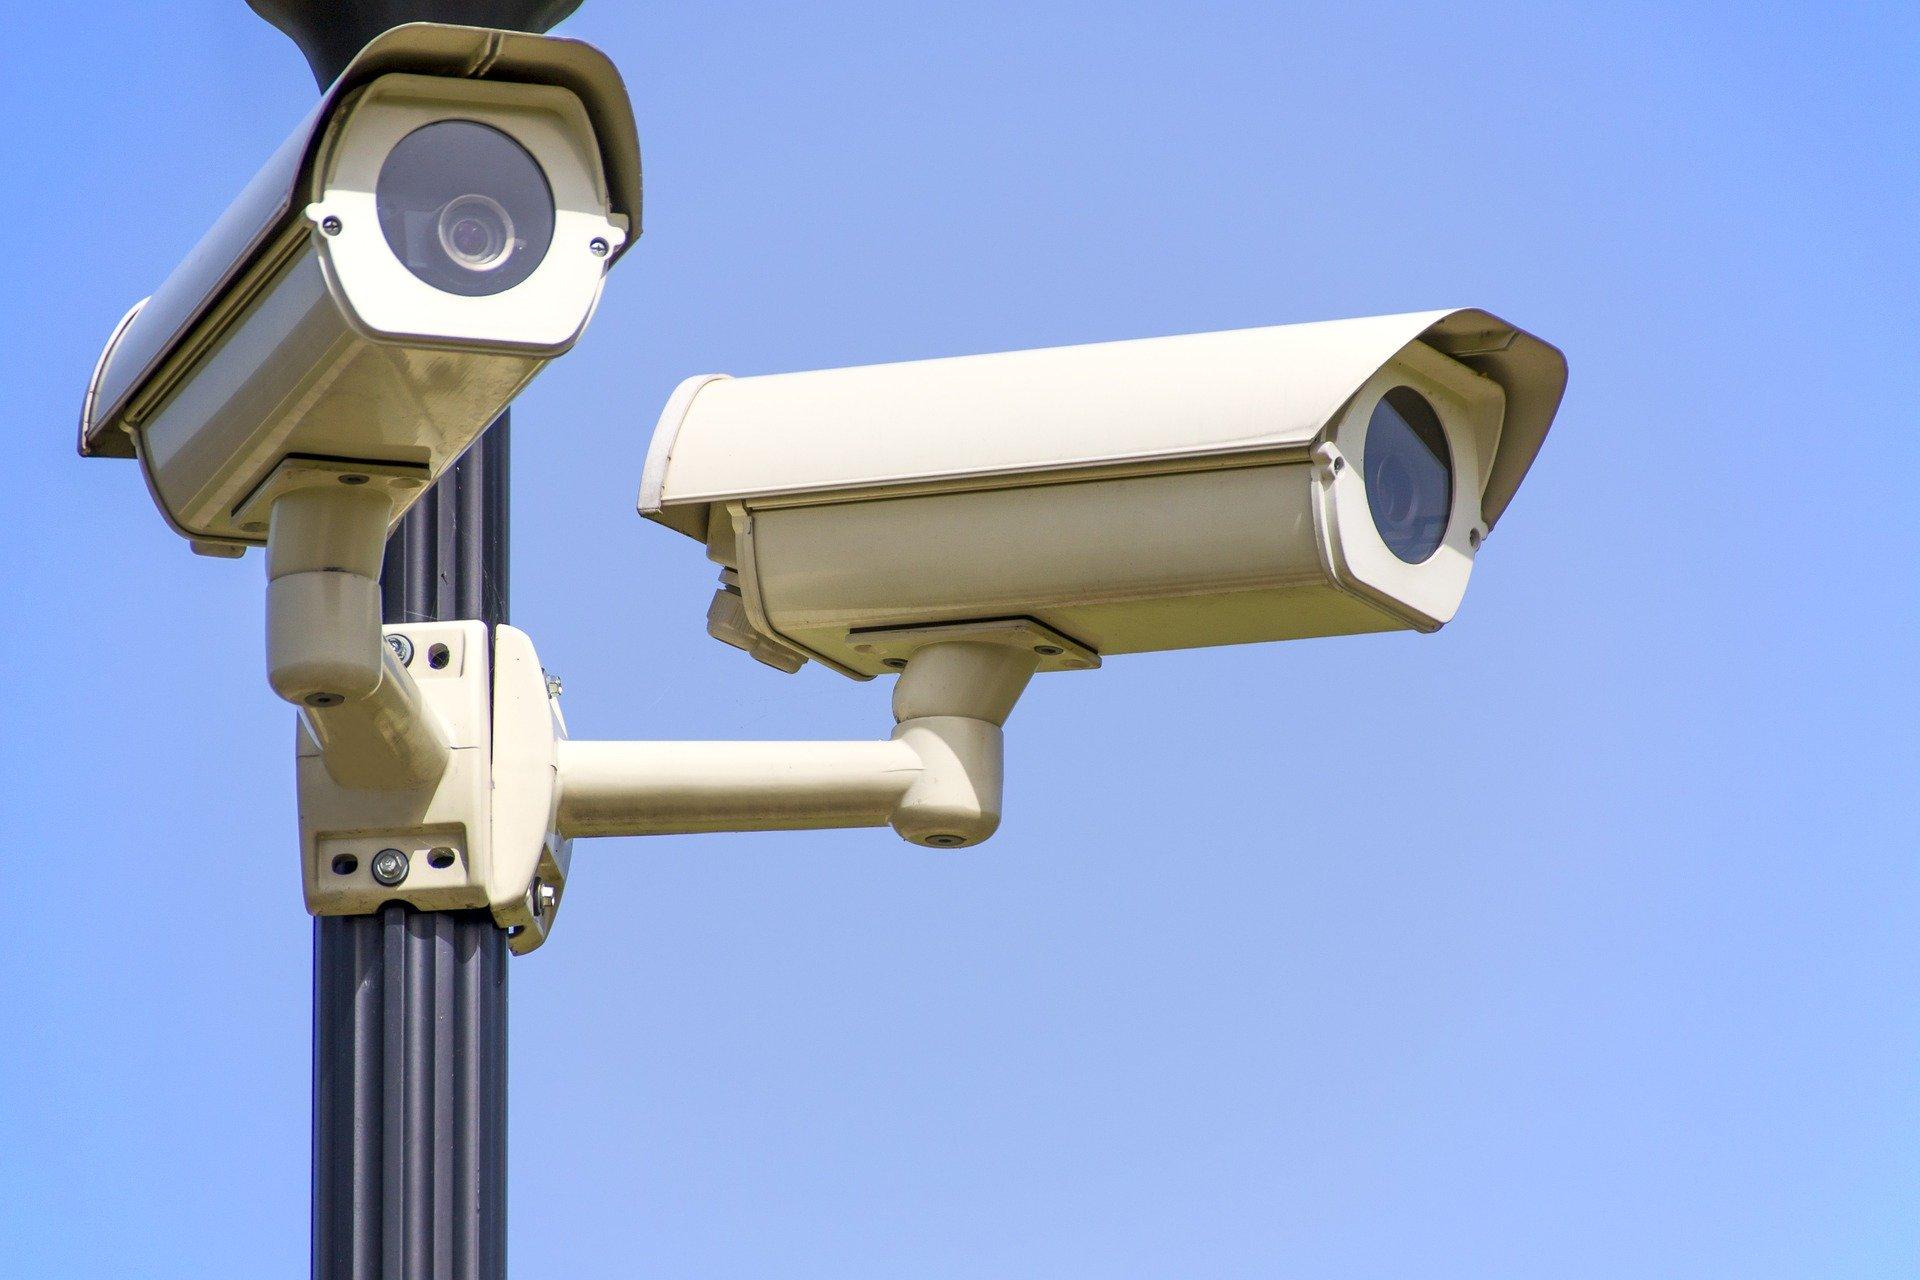 Vidéosurveillance - Comparateur d'alarme et vidéosurveillance, devis gratuit et rapide - Le Héron